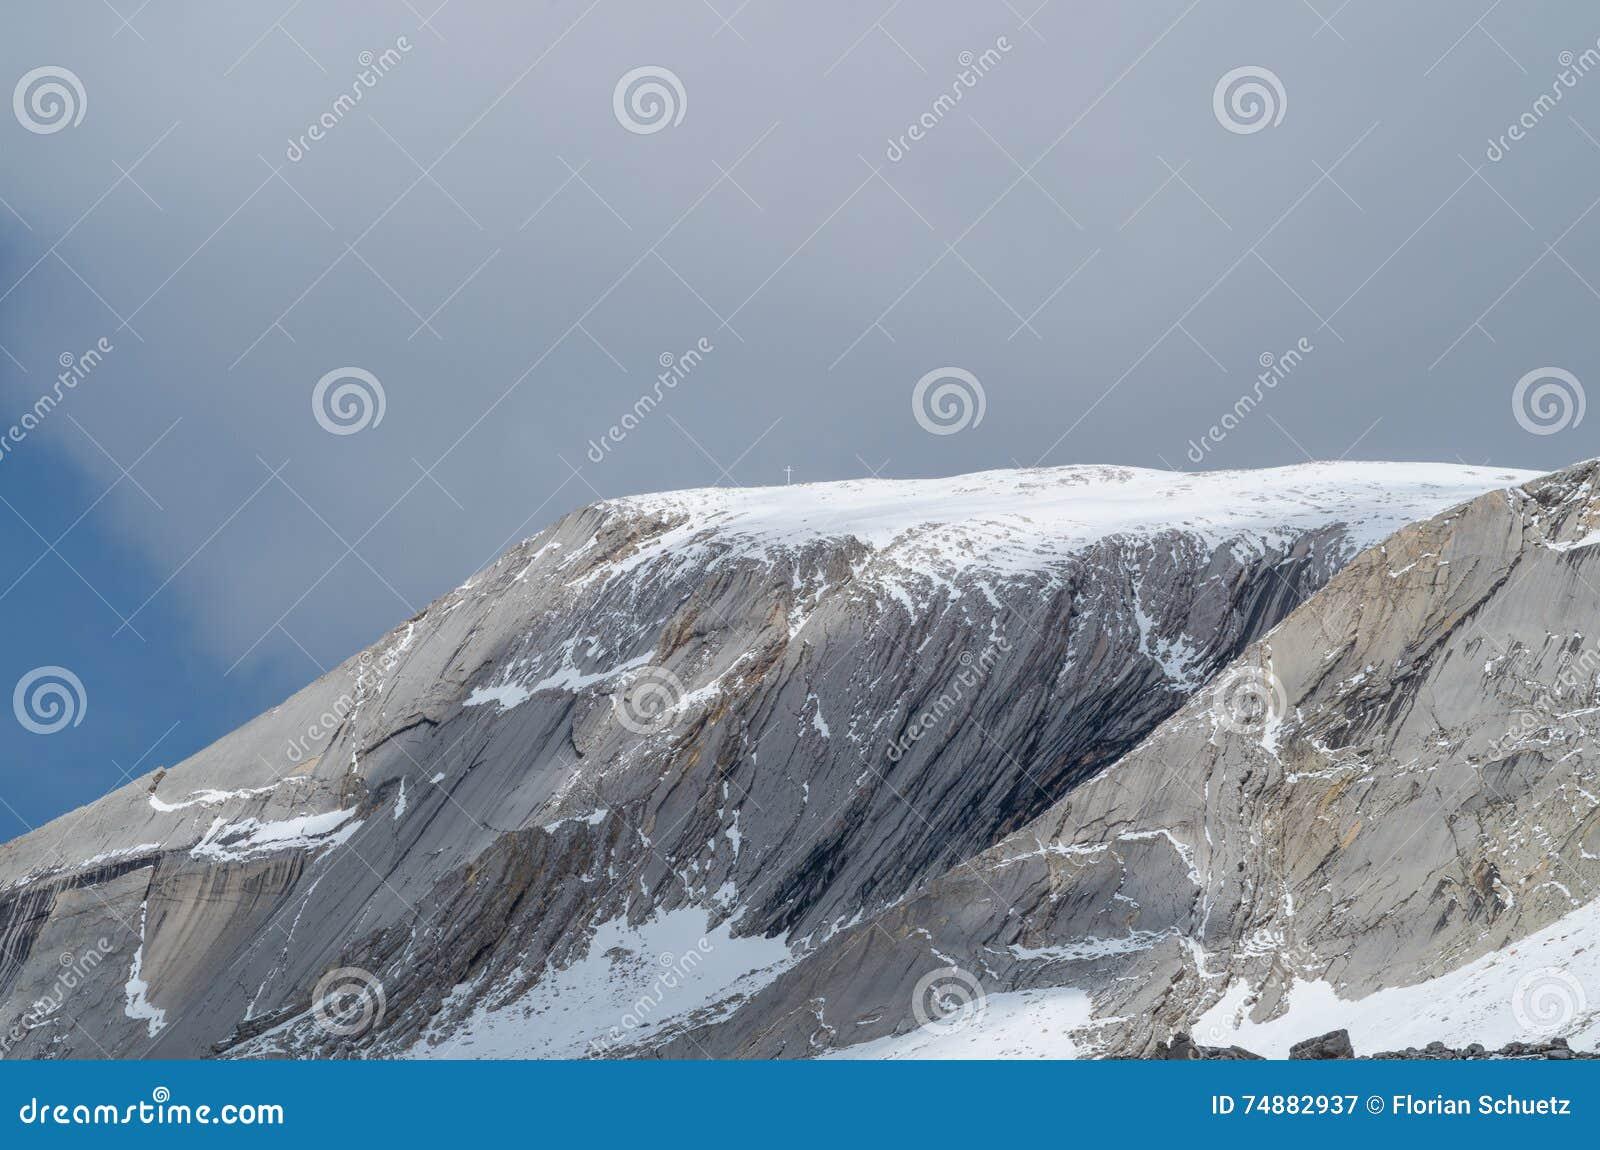 Toppmöte av Seekofel i dolomitesna, södra Tyrol, Italien